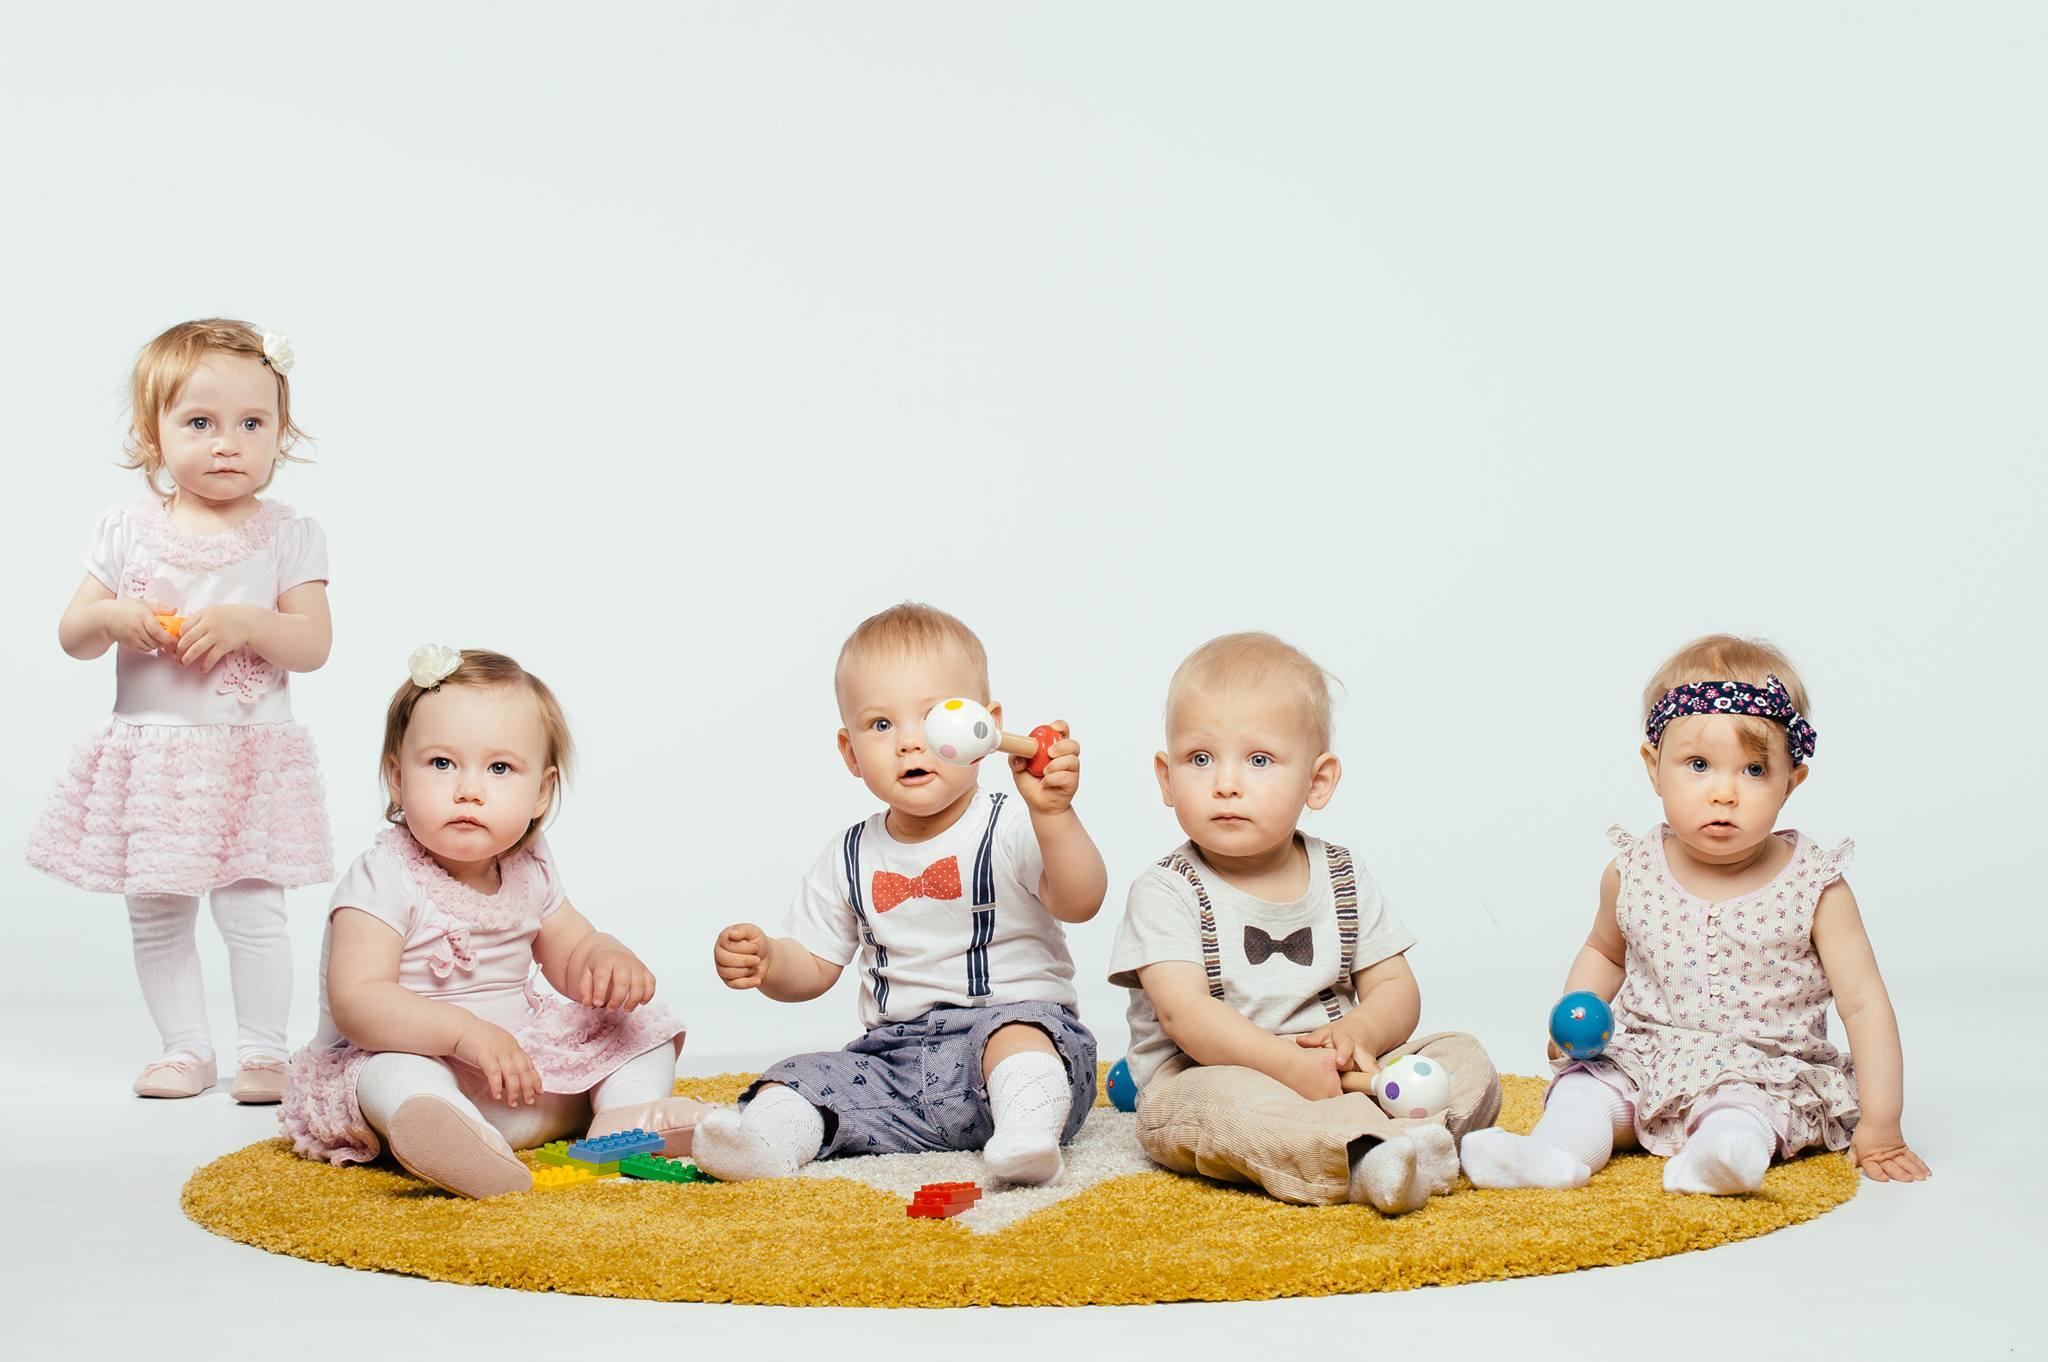 Muusika-aastal sündinud laste projekt kestab kuni 2033.aastani